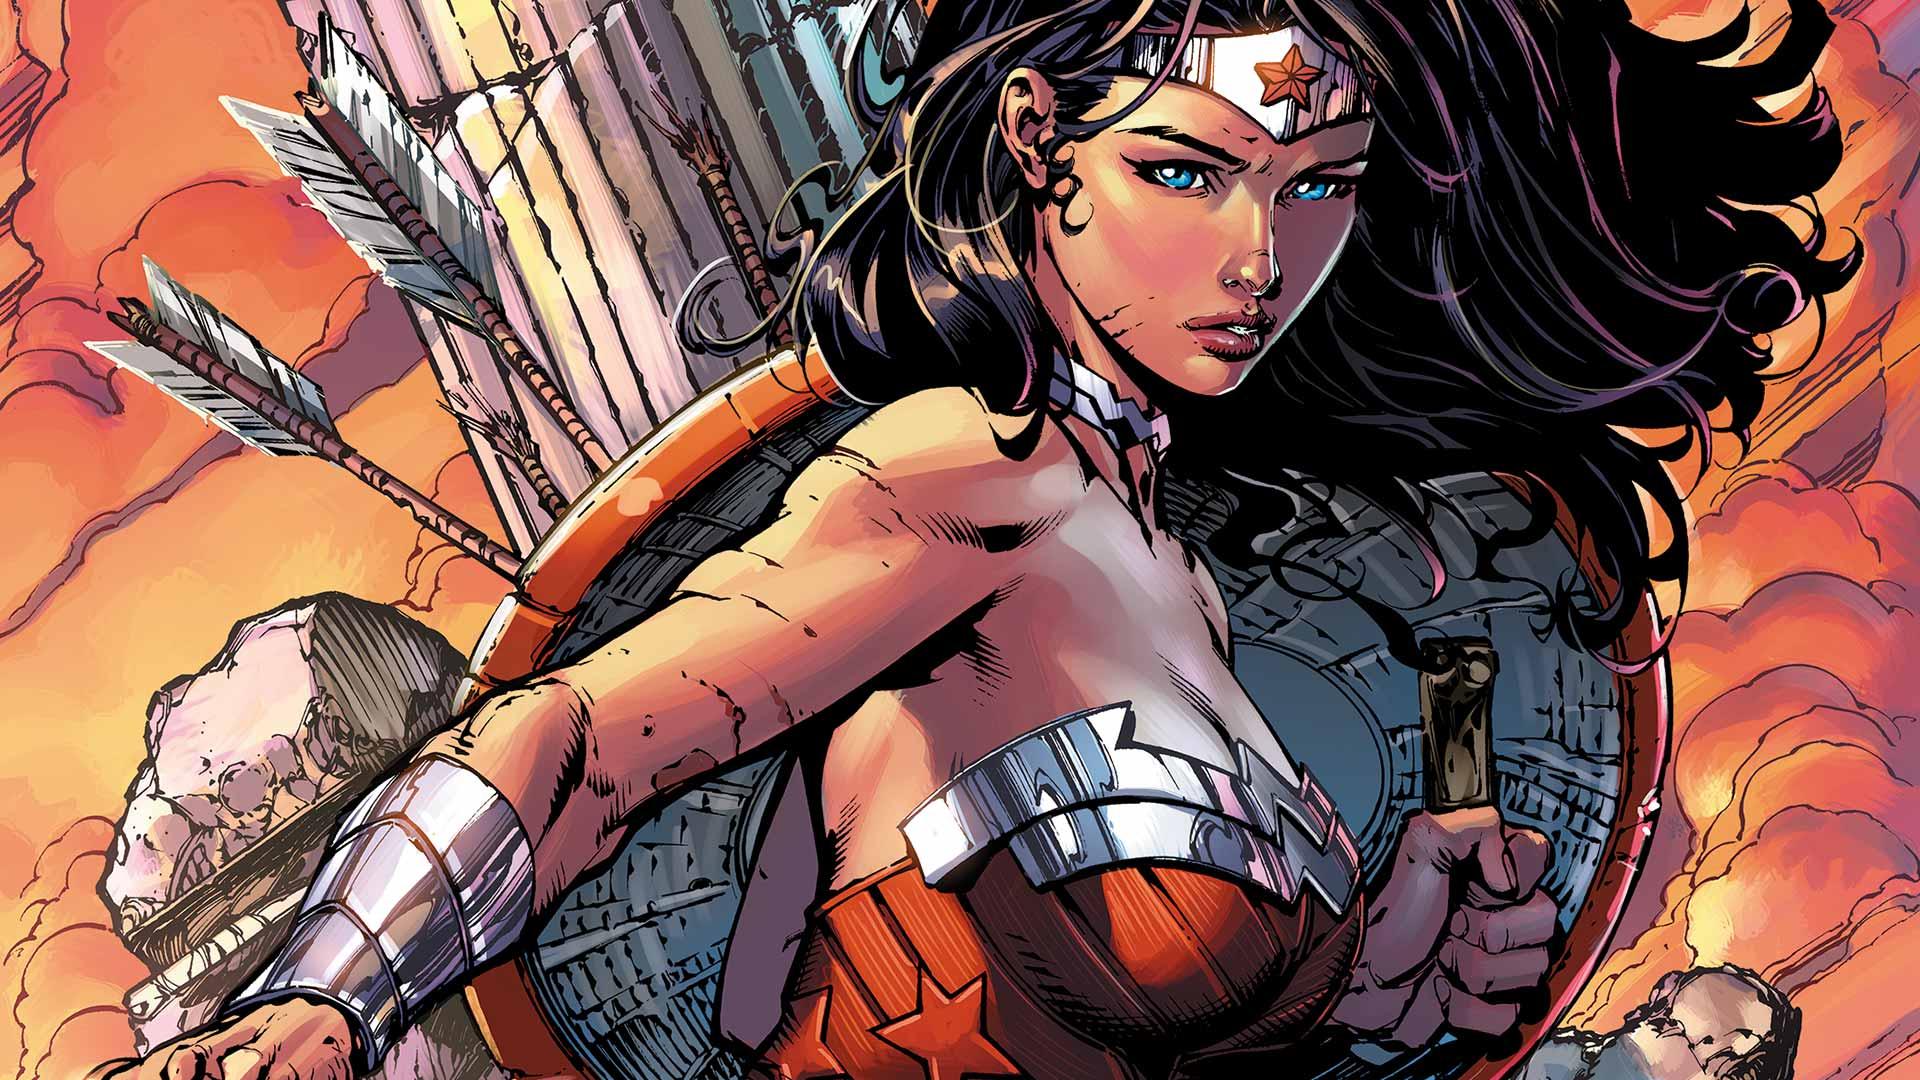 Wonder Woman wallpaper | 1920x1080 | #76365